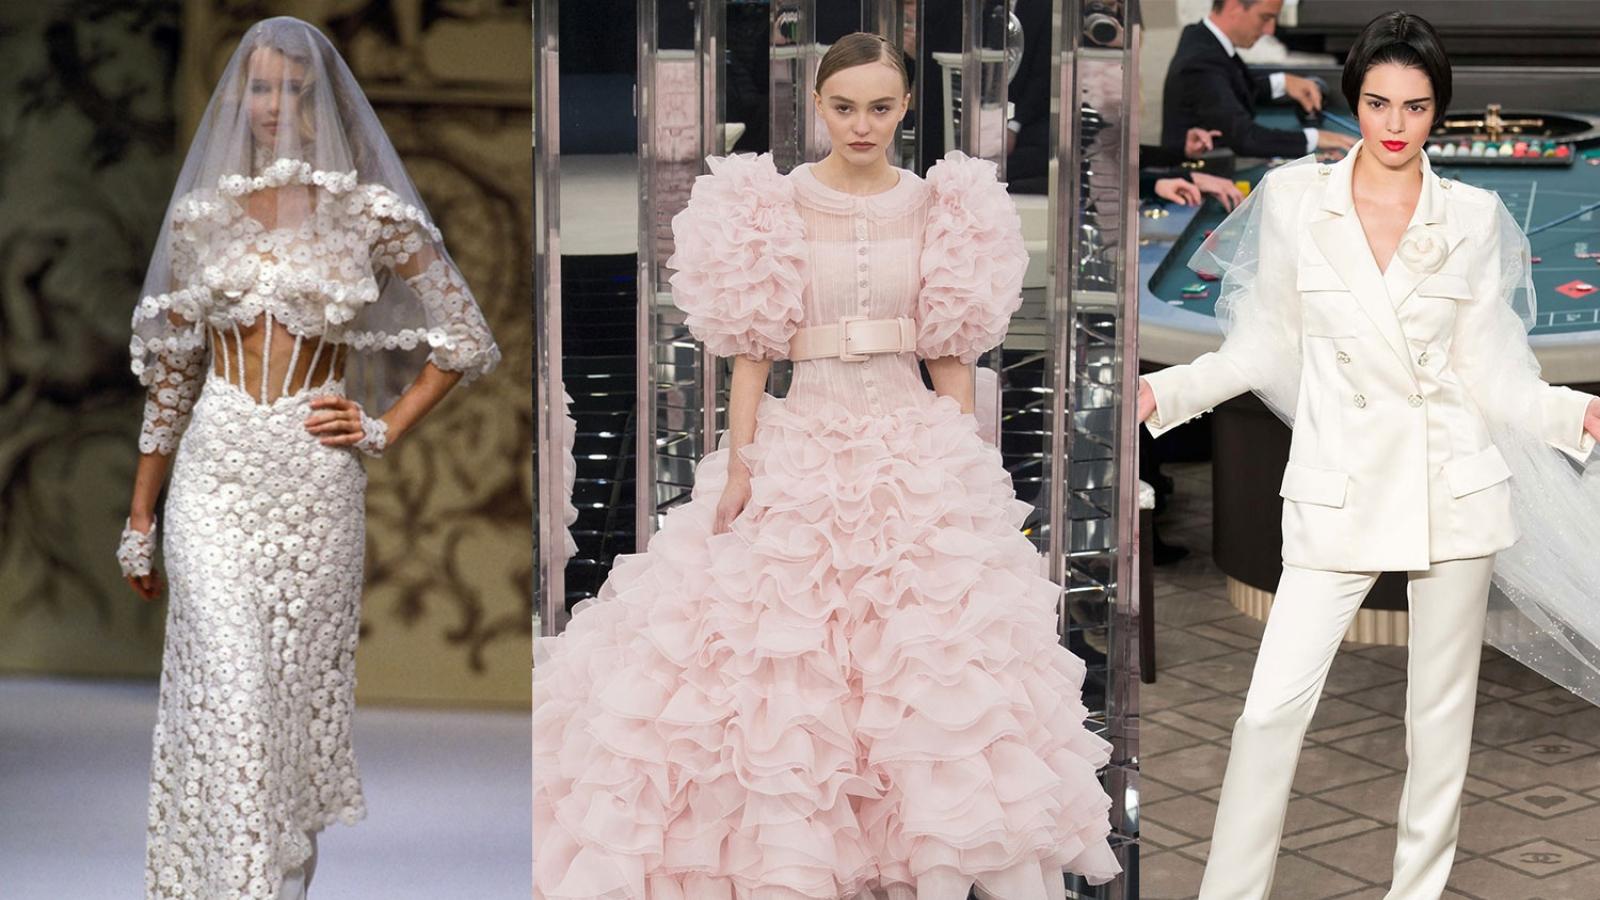 Chiêm ngưỡng những mẫu váy cưới đẹp nhất của nhà mốt Chanel